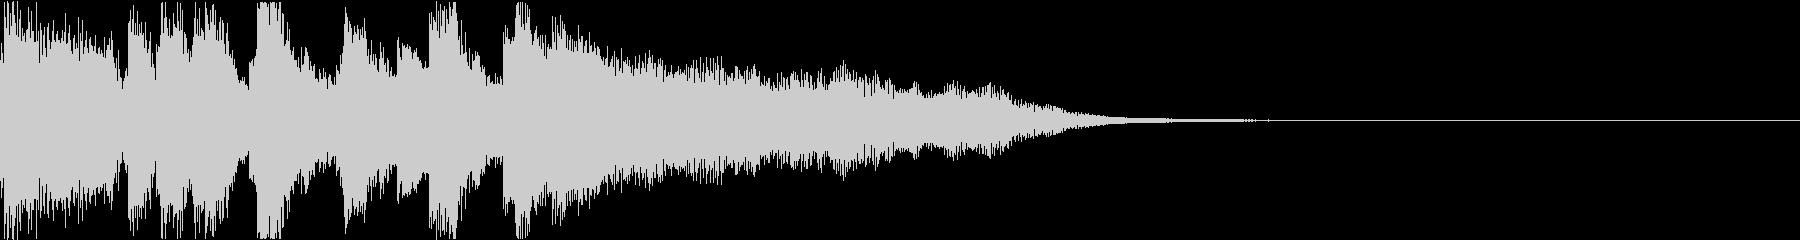 ファンファーレ シンプル 正解合格 12の未再生の波形